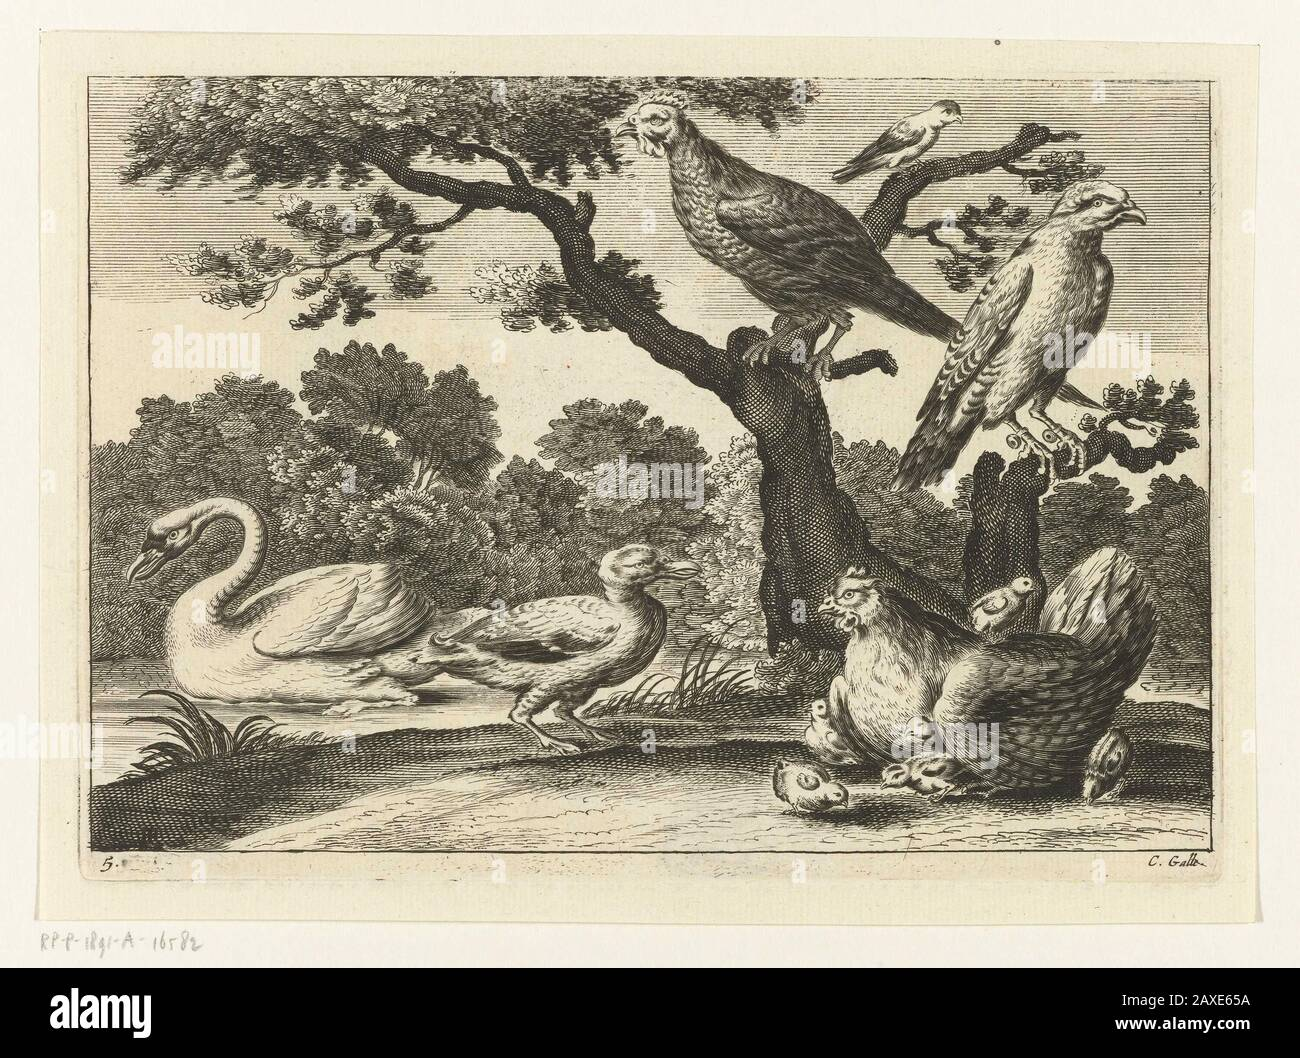 """""""Zwaan, kip met kuikens en andere vogels; Landschap met zwemmende zwaan, een kip omringd door kuikens, en andere vogels.; Iconclasscode: 25F3; Iconclasscode: 25F36(SWAN); Iconclasscode: 25F38(TURKEY); Iconclasscode: 34B232; print; 1654 - 1678; 1654 - 1678; """" Stock Photo"""